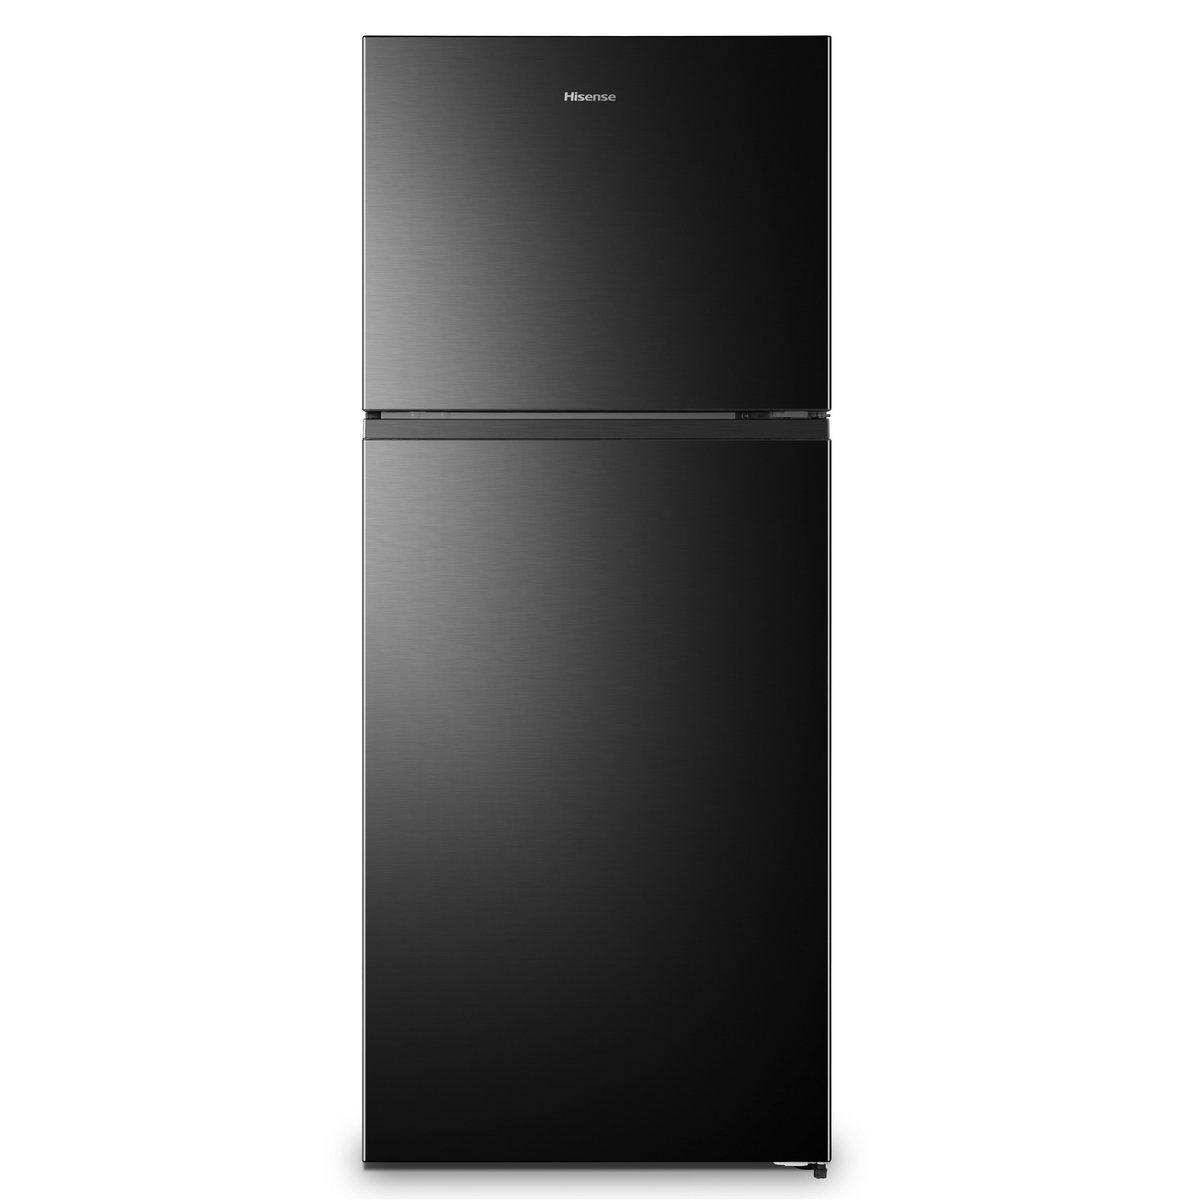 ตู้เย็น 2 ประตู (13.8 คิว, สีดำ) รุ่น RT488NAF1